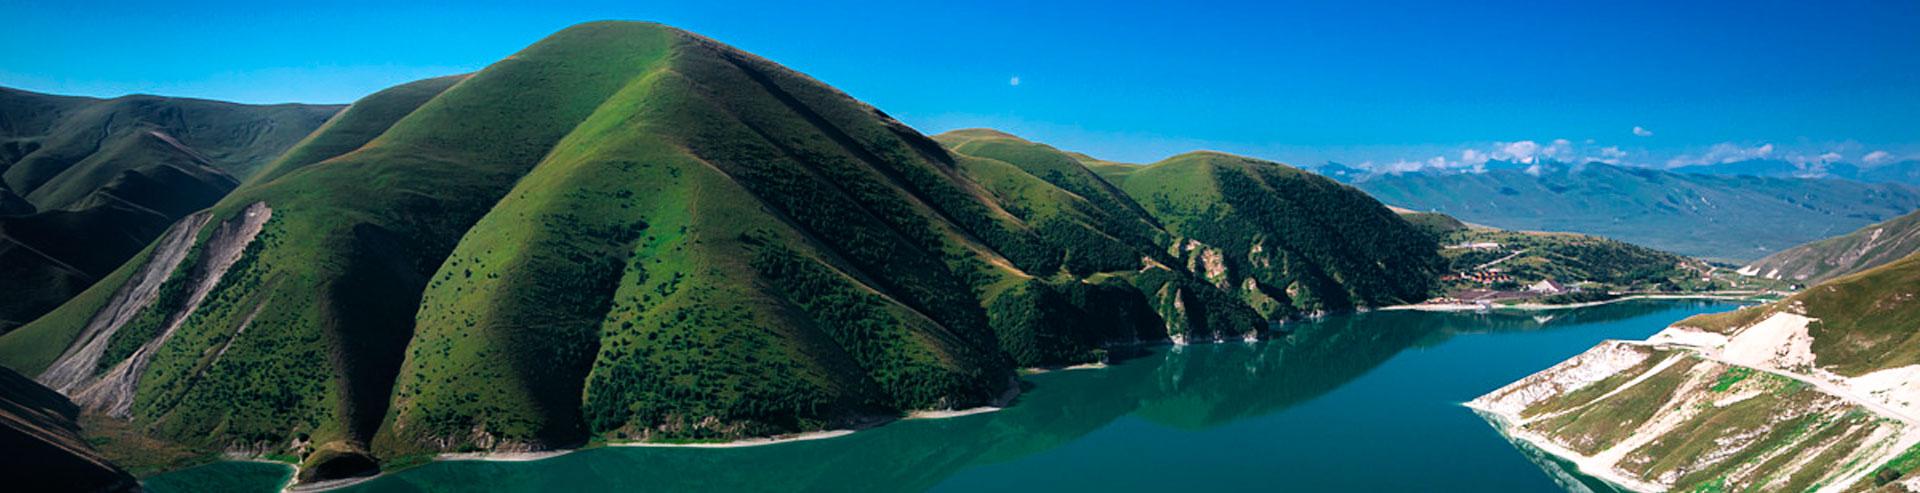 Озеро Кезеной-Ам горы